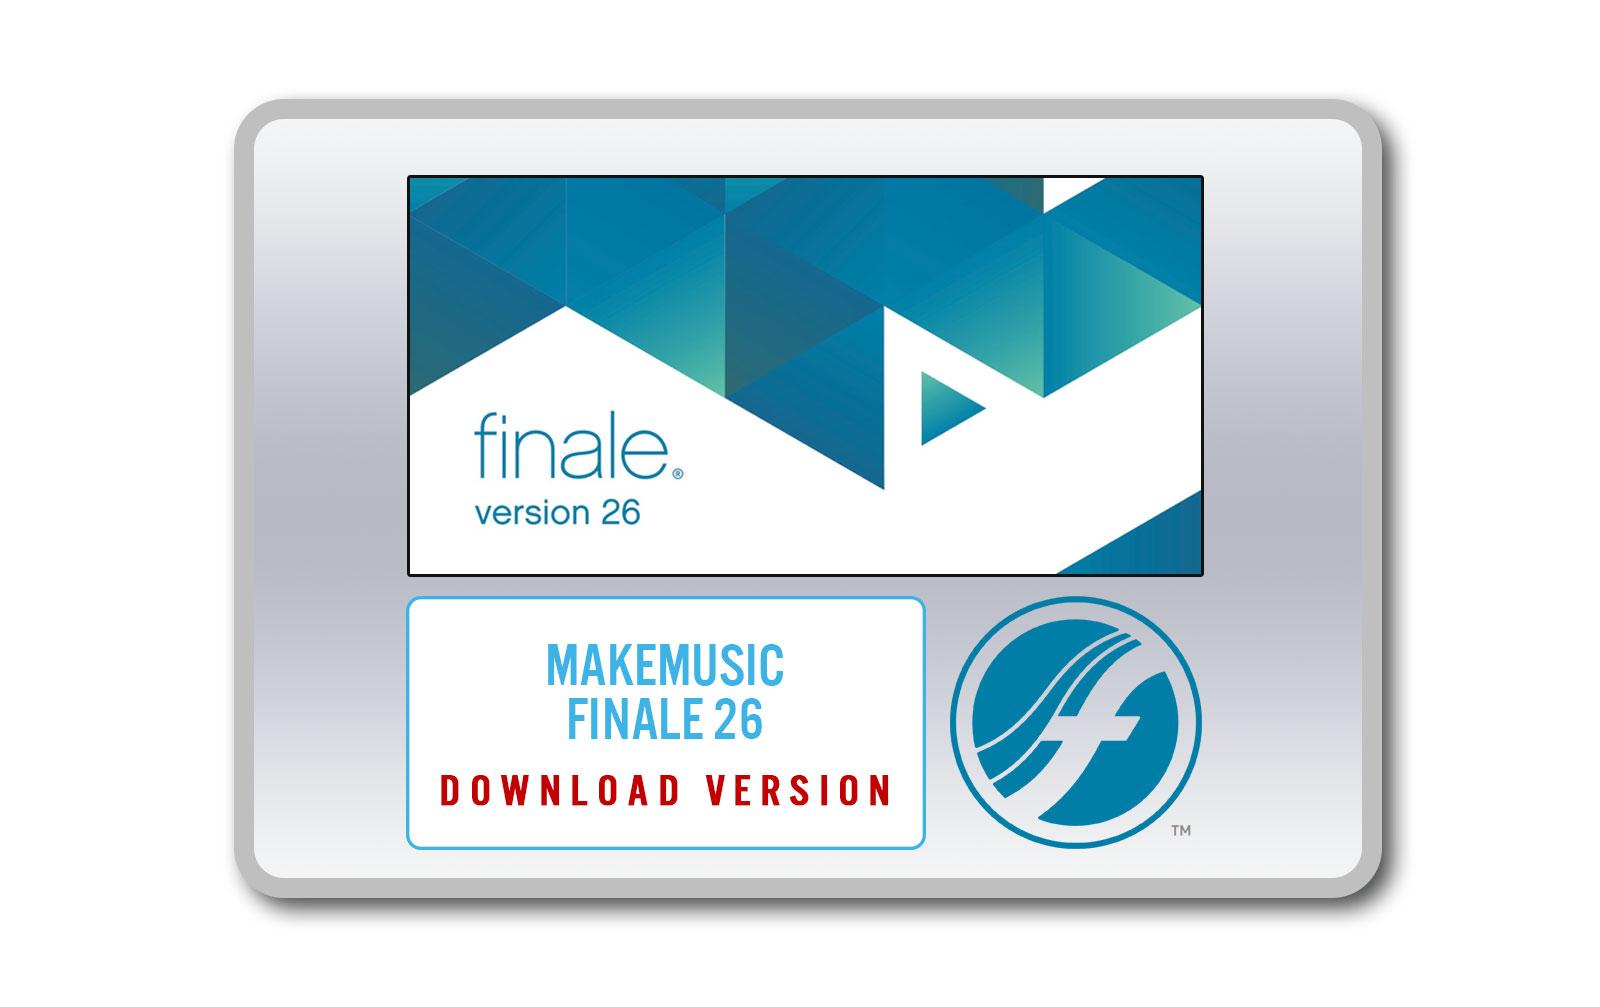 makemusic-finale-26-update-von-finale-25-download-